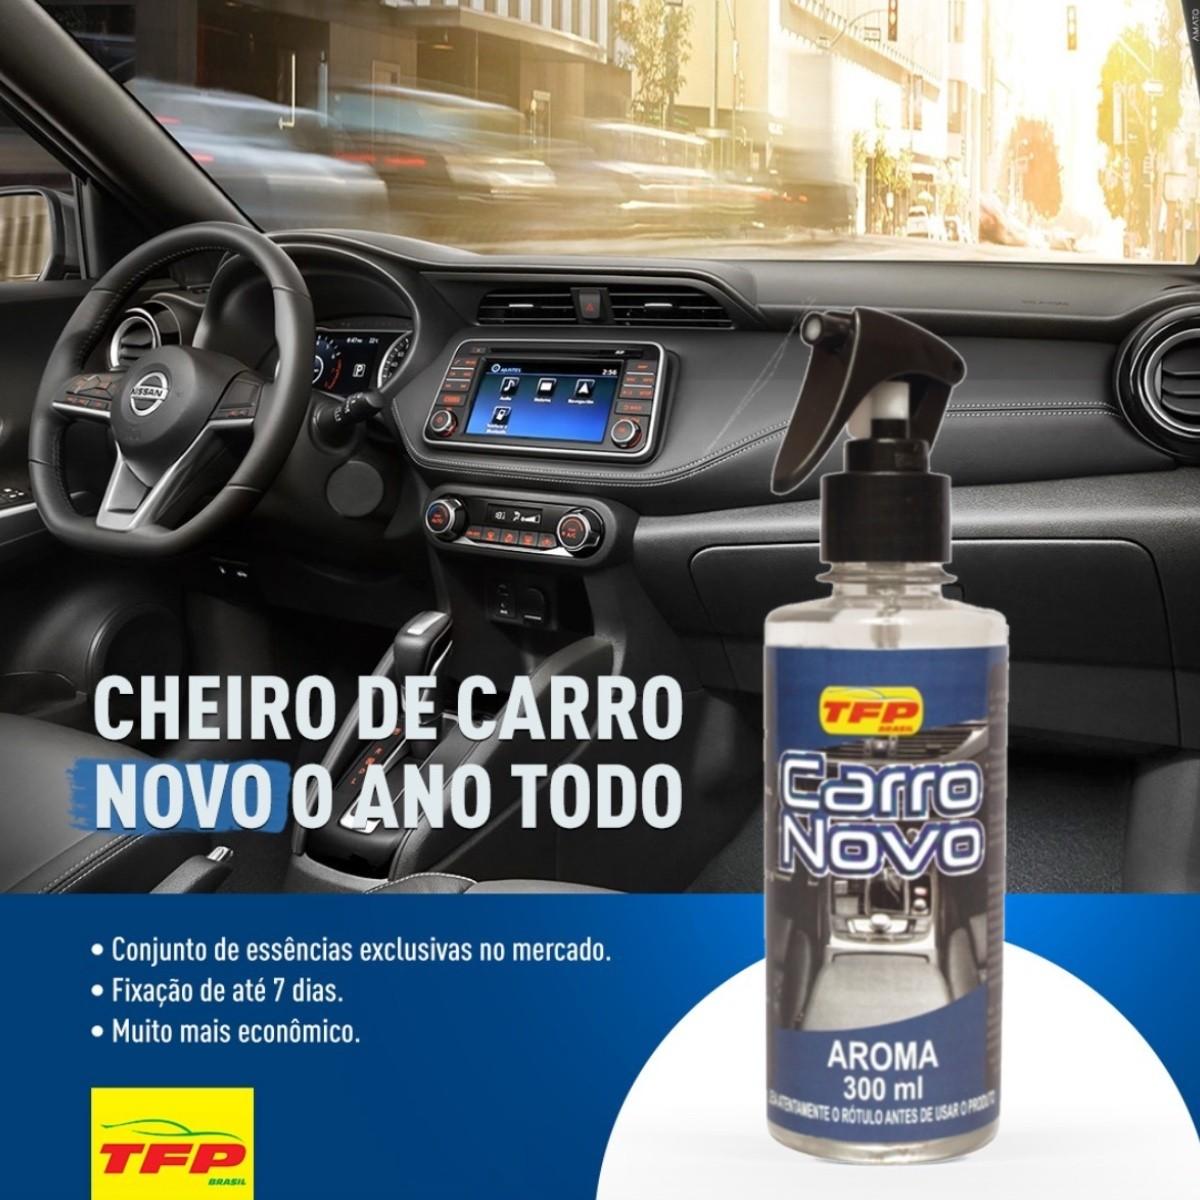 Cheirinho Carro Novo TFP 300ml (Promoção por tempo limitado)